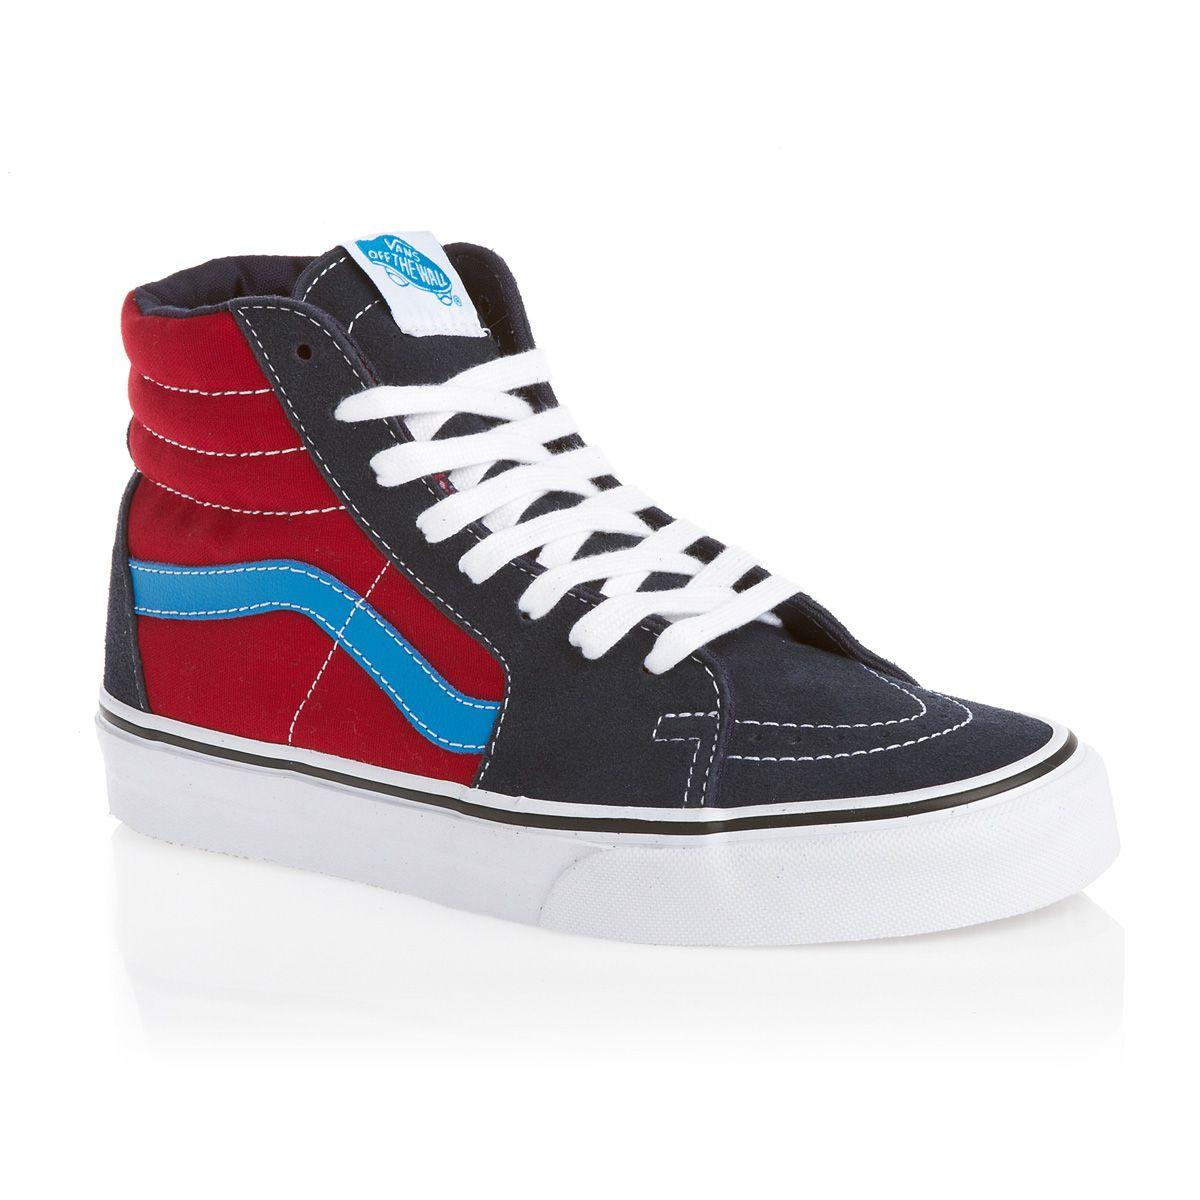 Vans Shoes - Vans Sk8-Hi Shoes - Dress Blues Chili Pepper  05db65d749